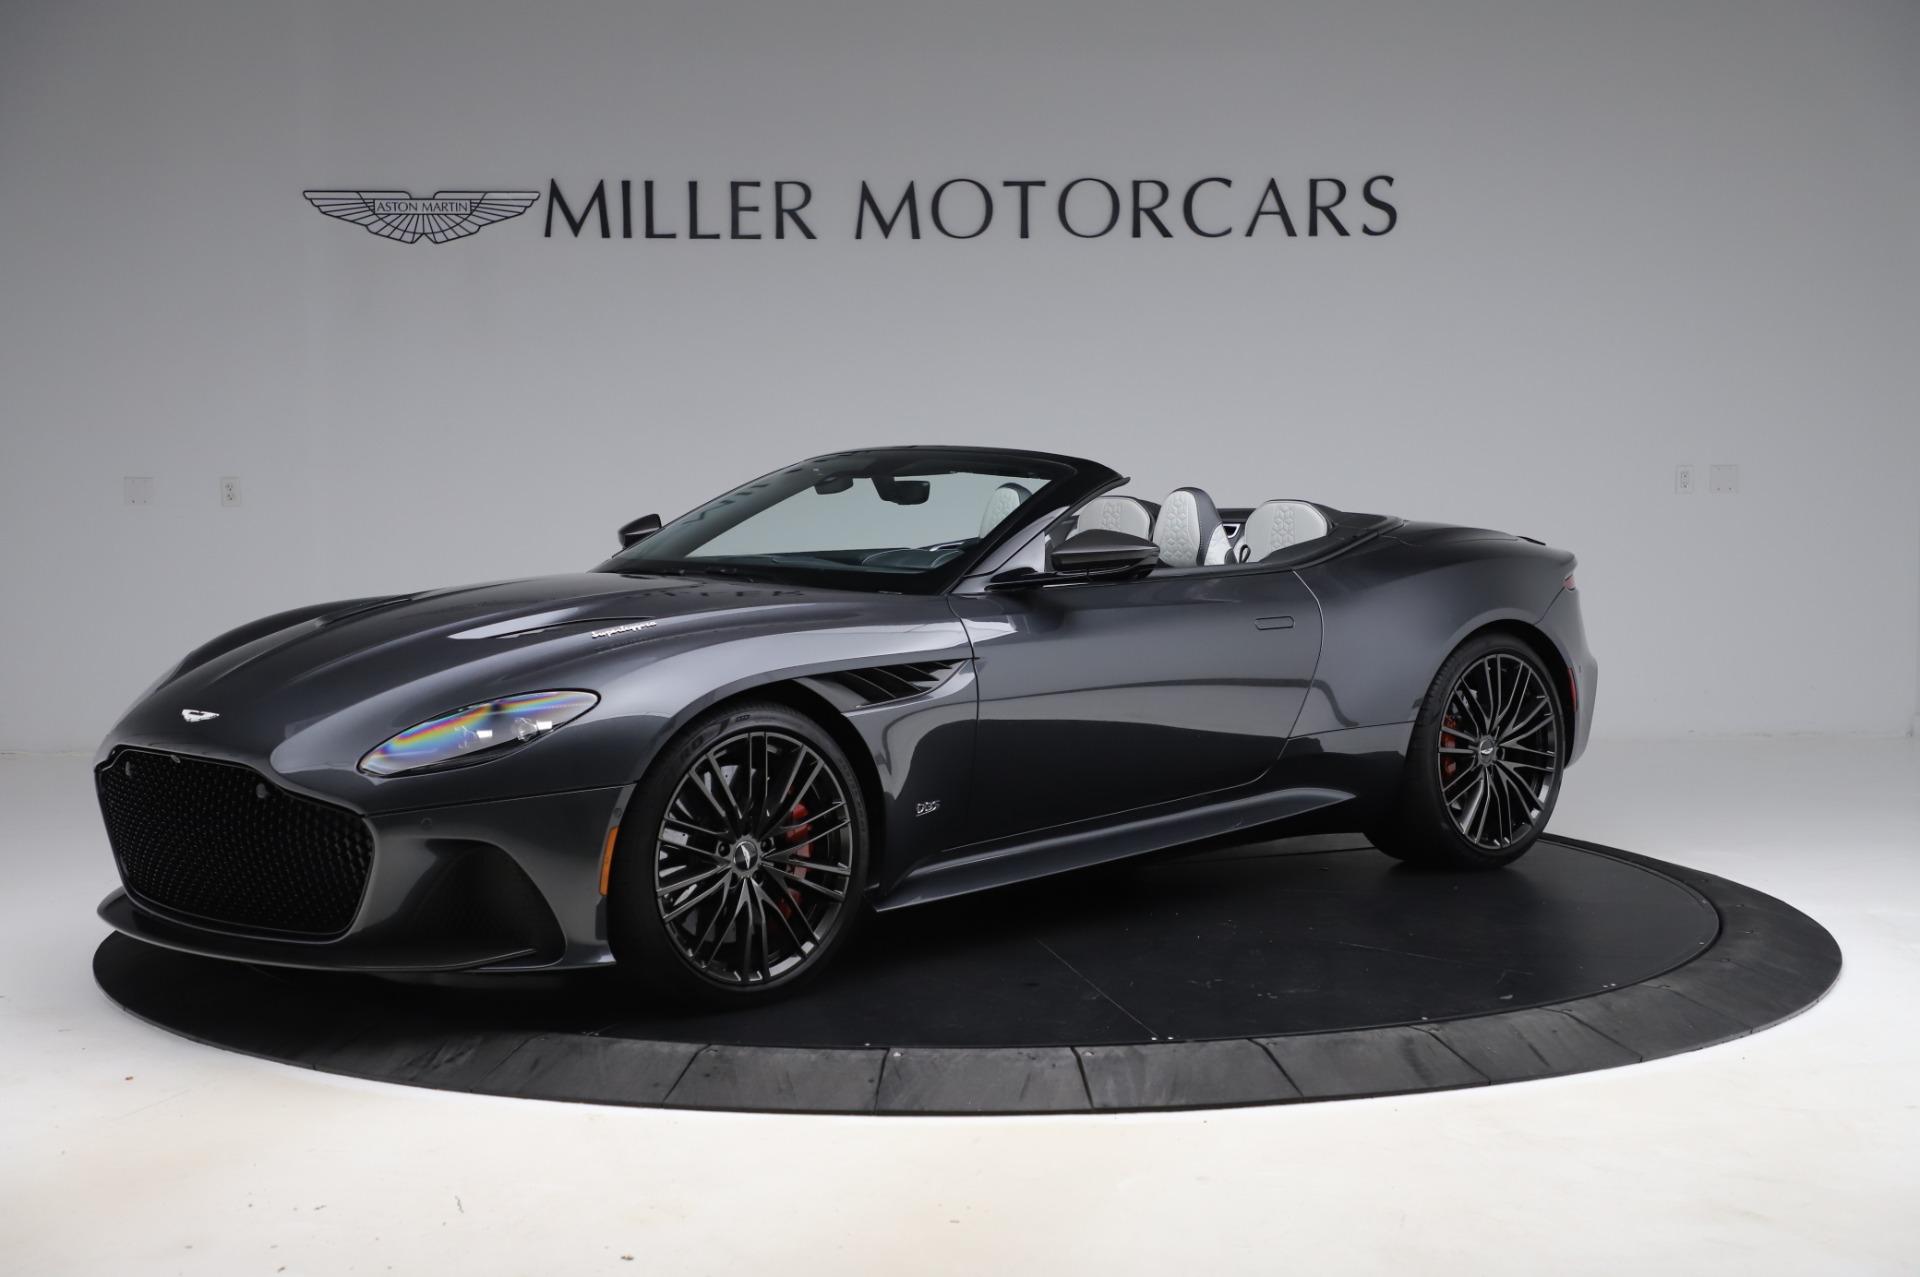 Used 2020 Aston Martin DBS Superleggera for sale $329,900 at Alfa Romeo of Westport in Westport CT 06880 1